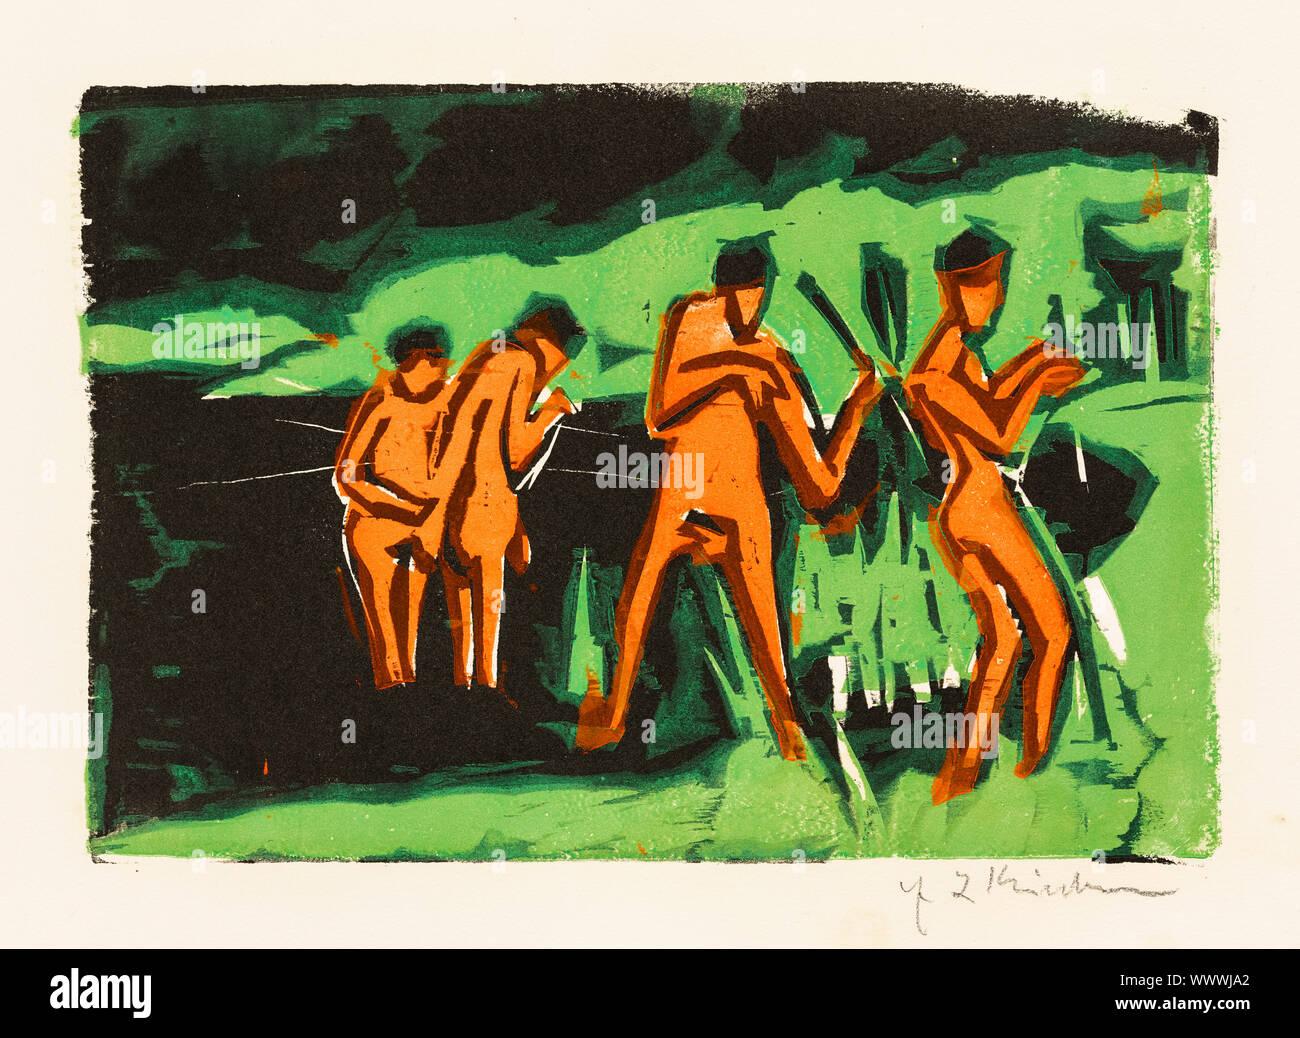 Ernst Ludwig Kirchner, bañistas arrojando Juncos, xilografía, 1909. impresión Foto de stock